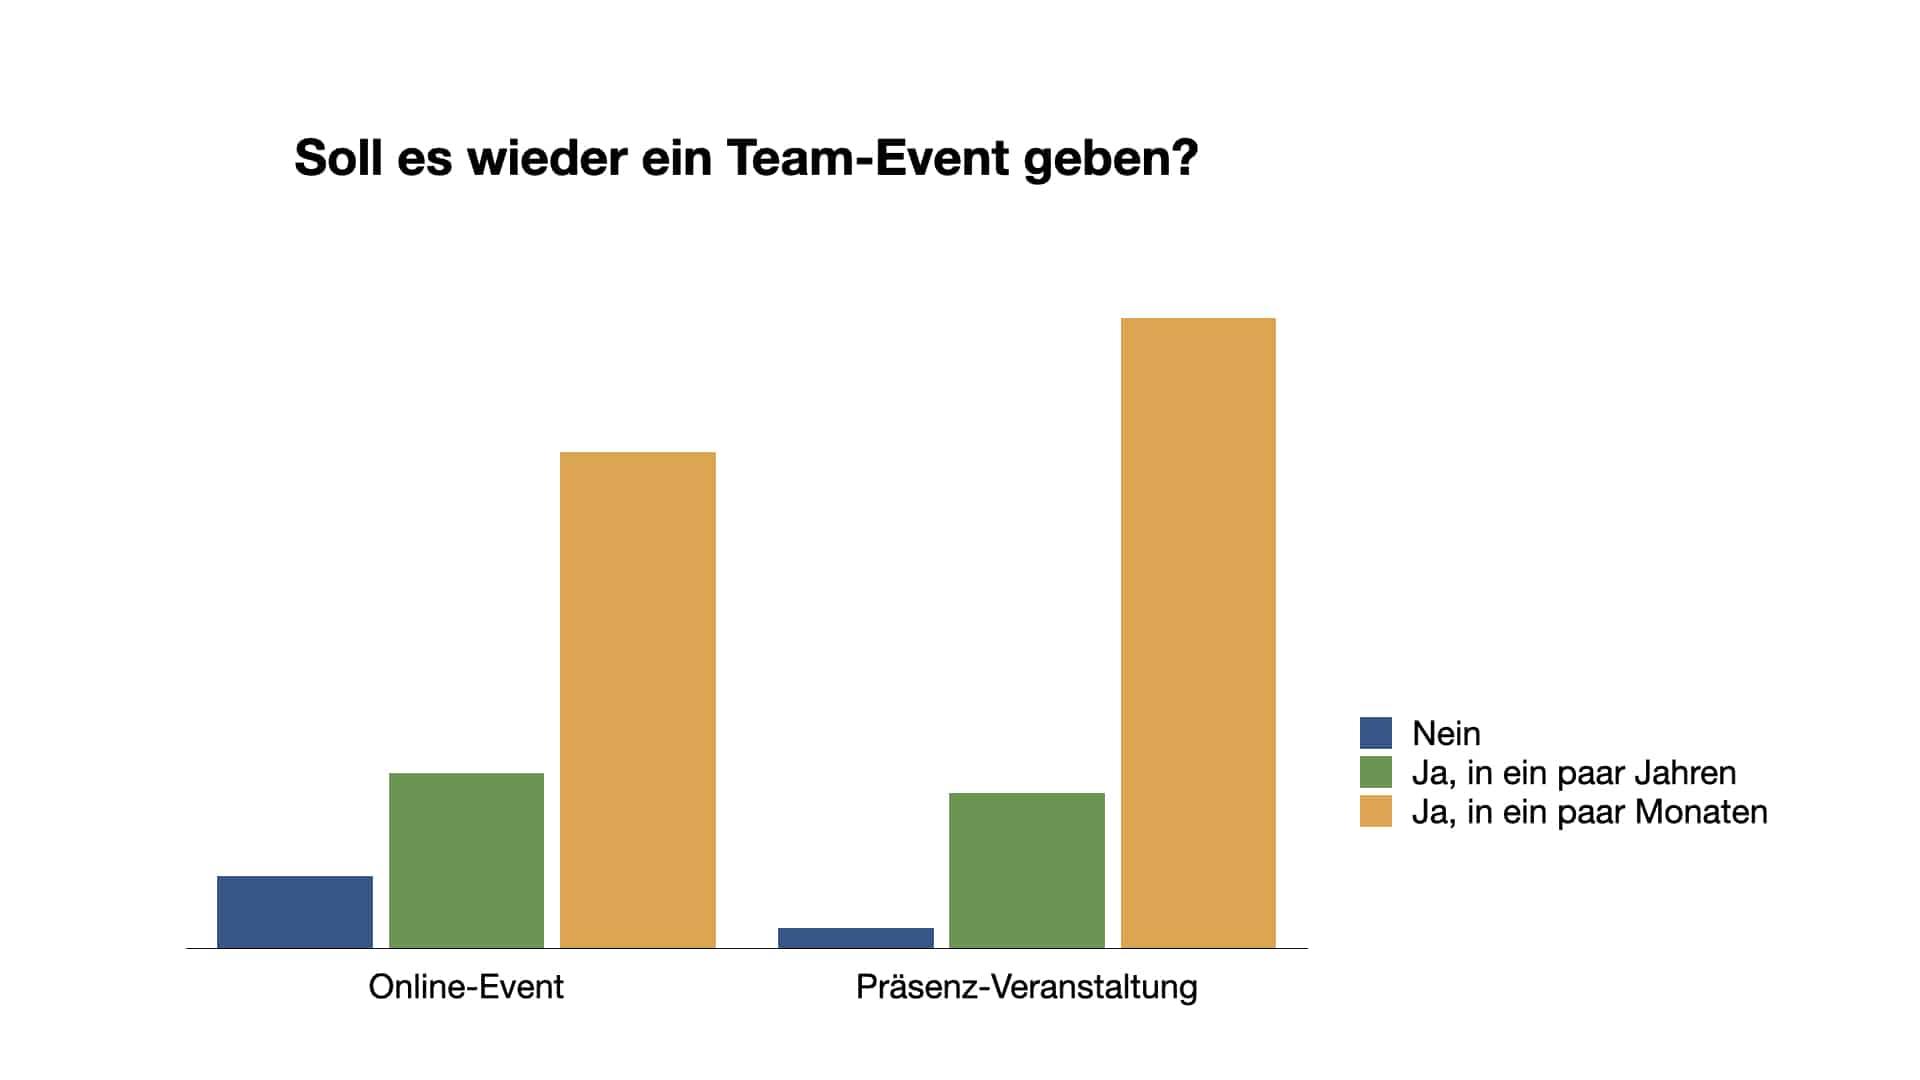 Umfrage: Soll es wieder ein Team-Event geben?